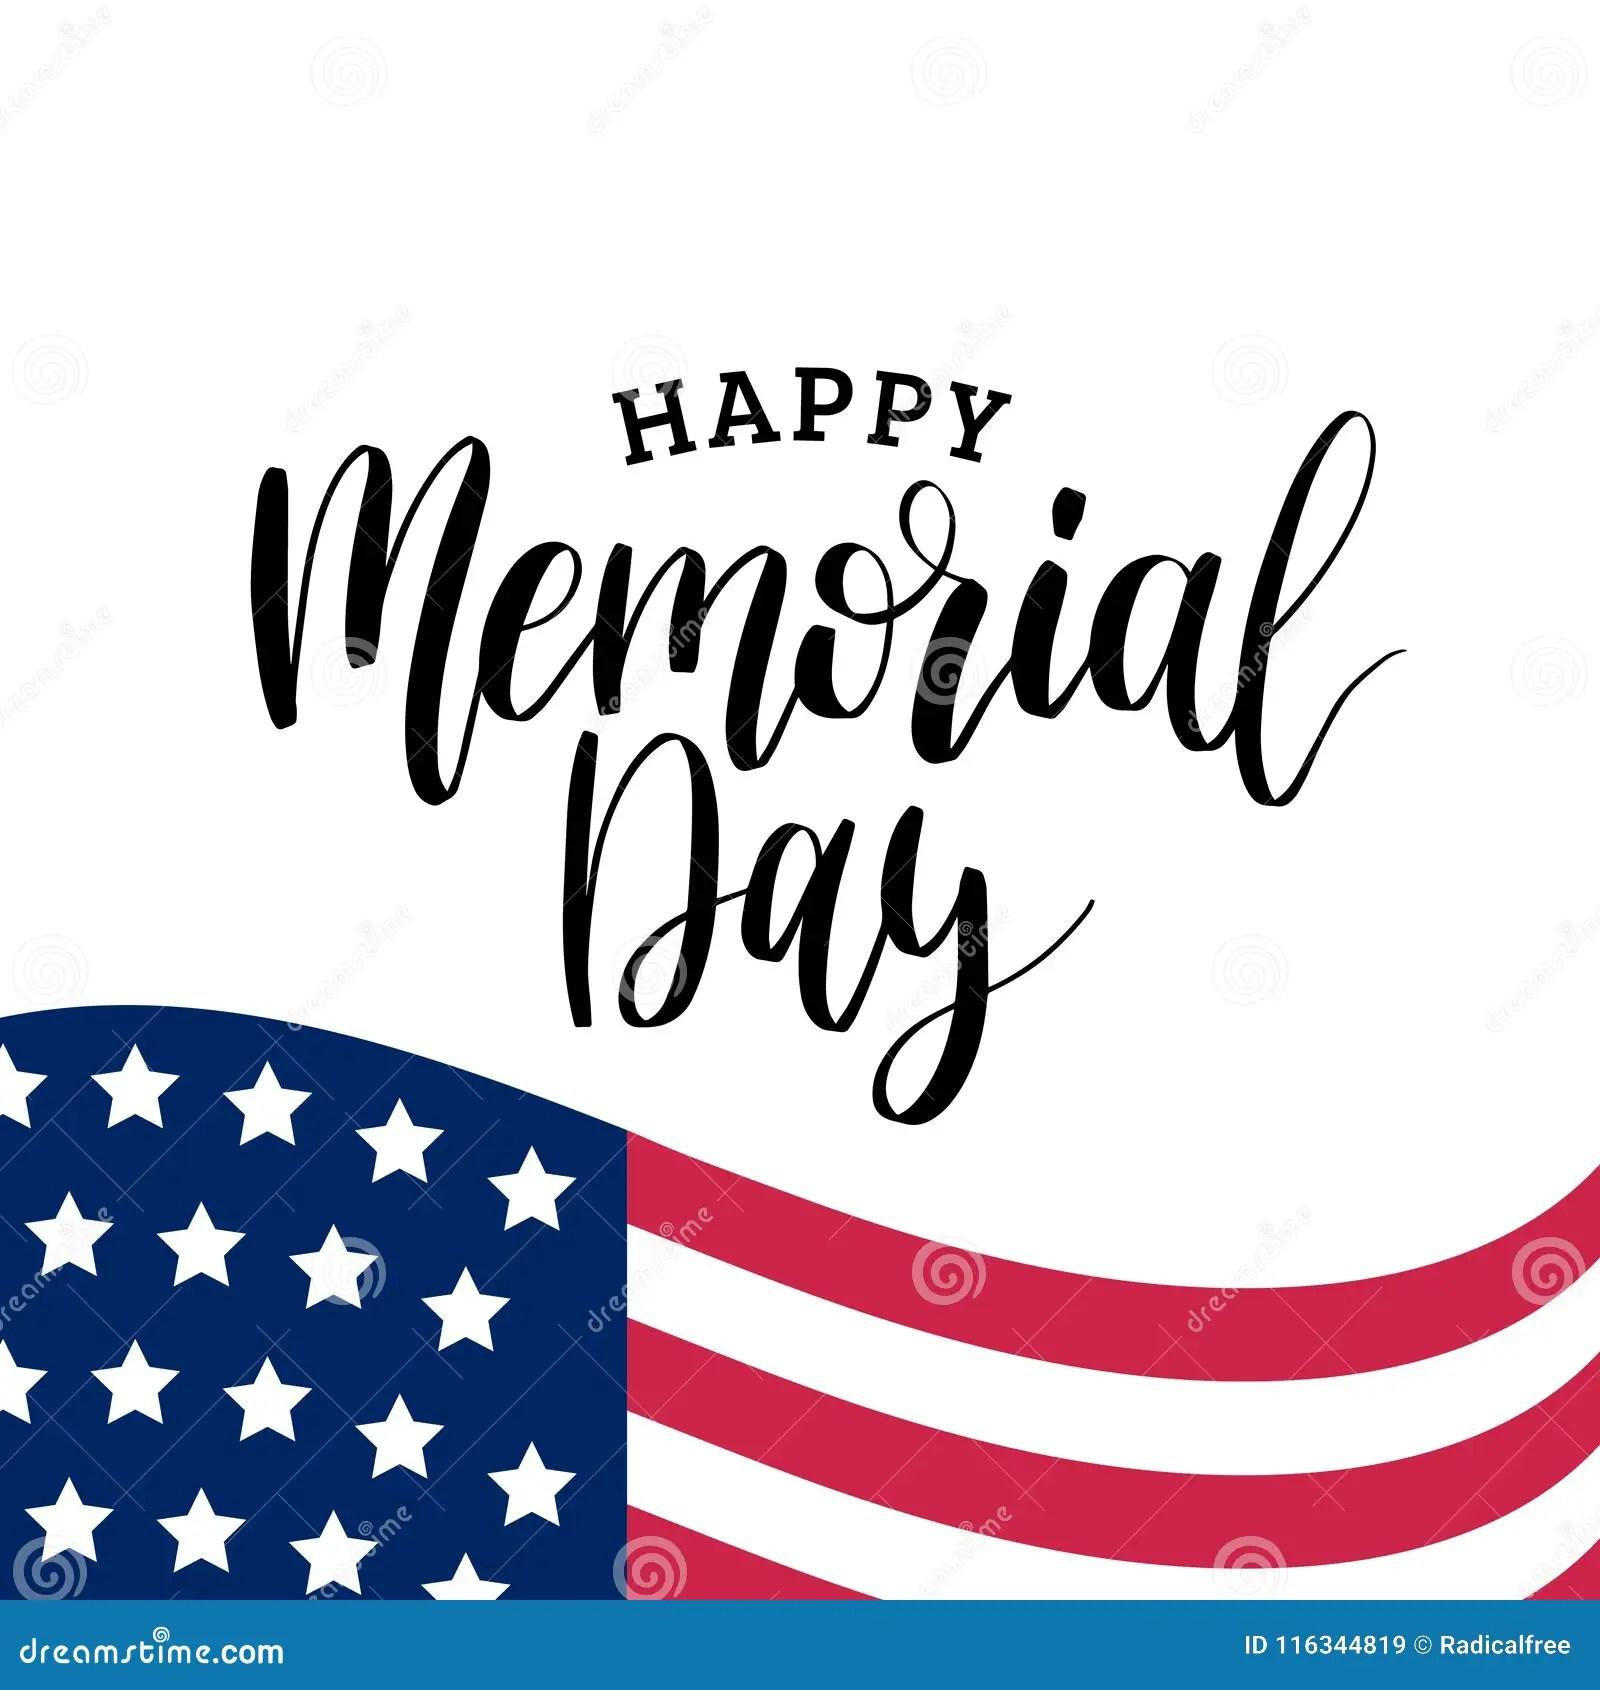 Happy Memorial Day Handwritten Phrase In Vector National